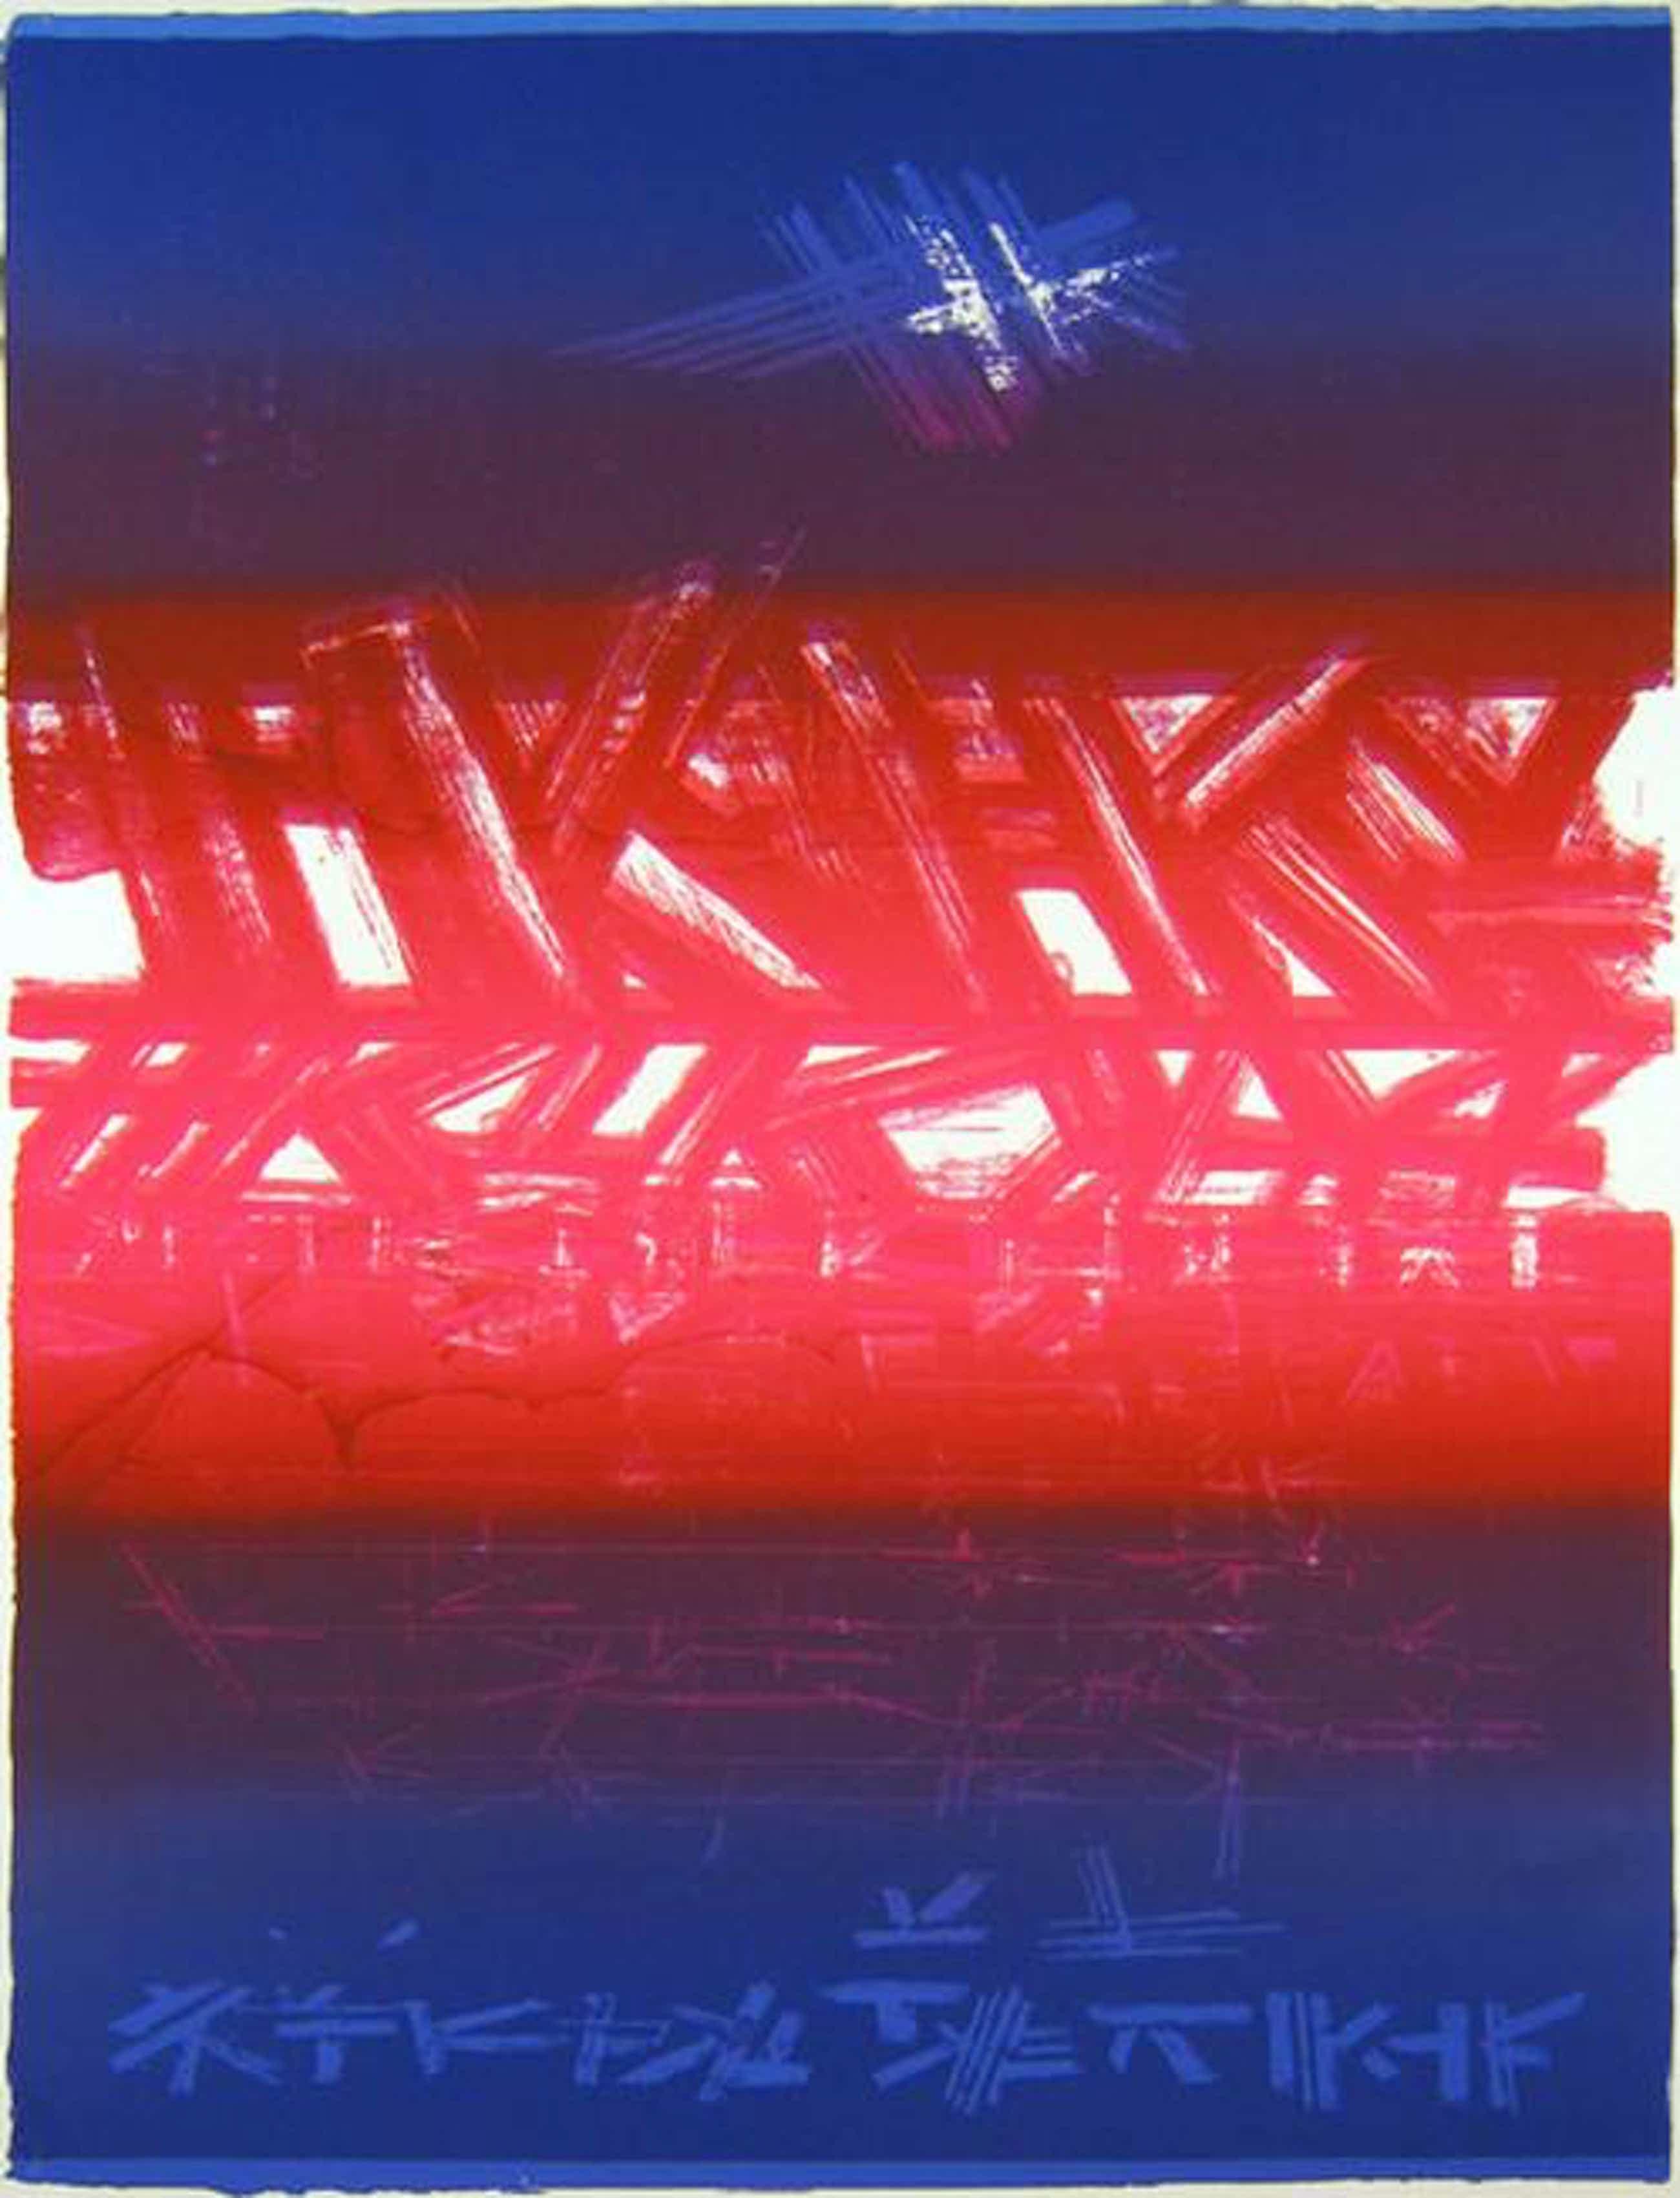 Theo Kerg - TK, Irisserigrafie, 1973 kopen? Bied vanaf 105!